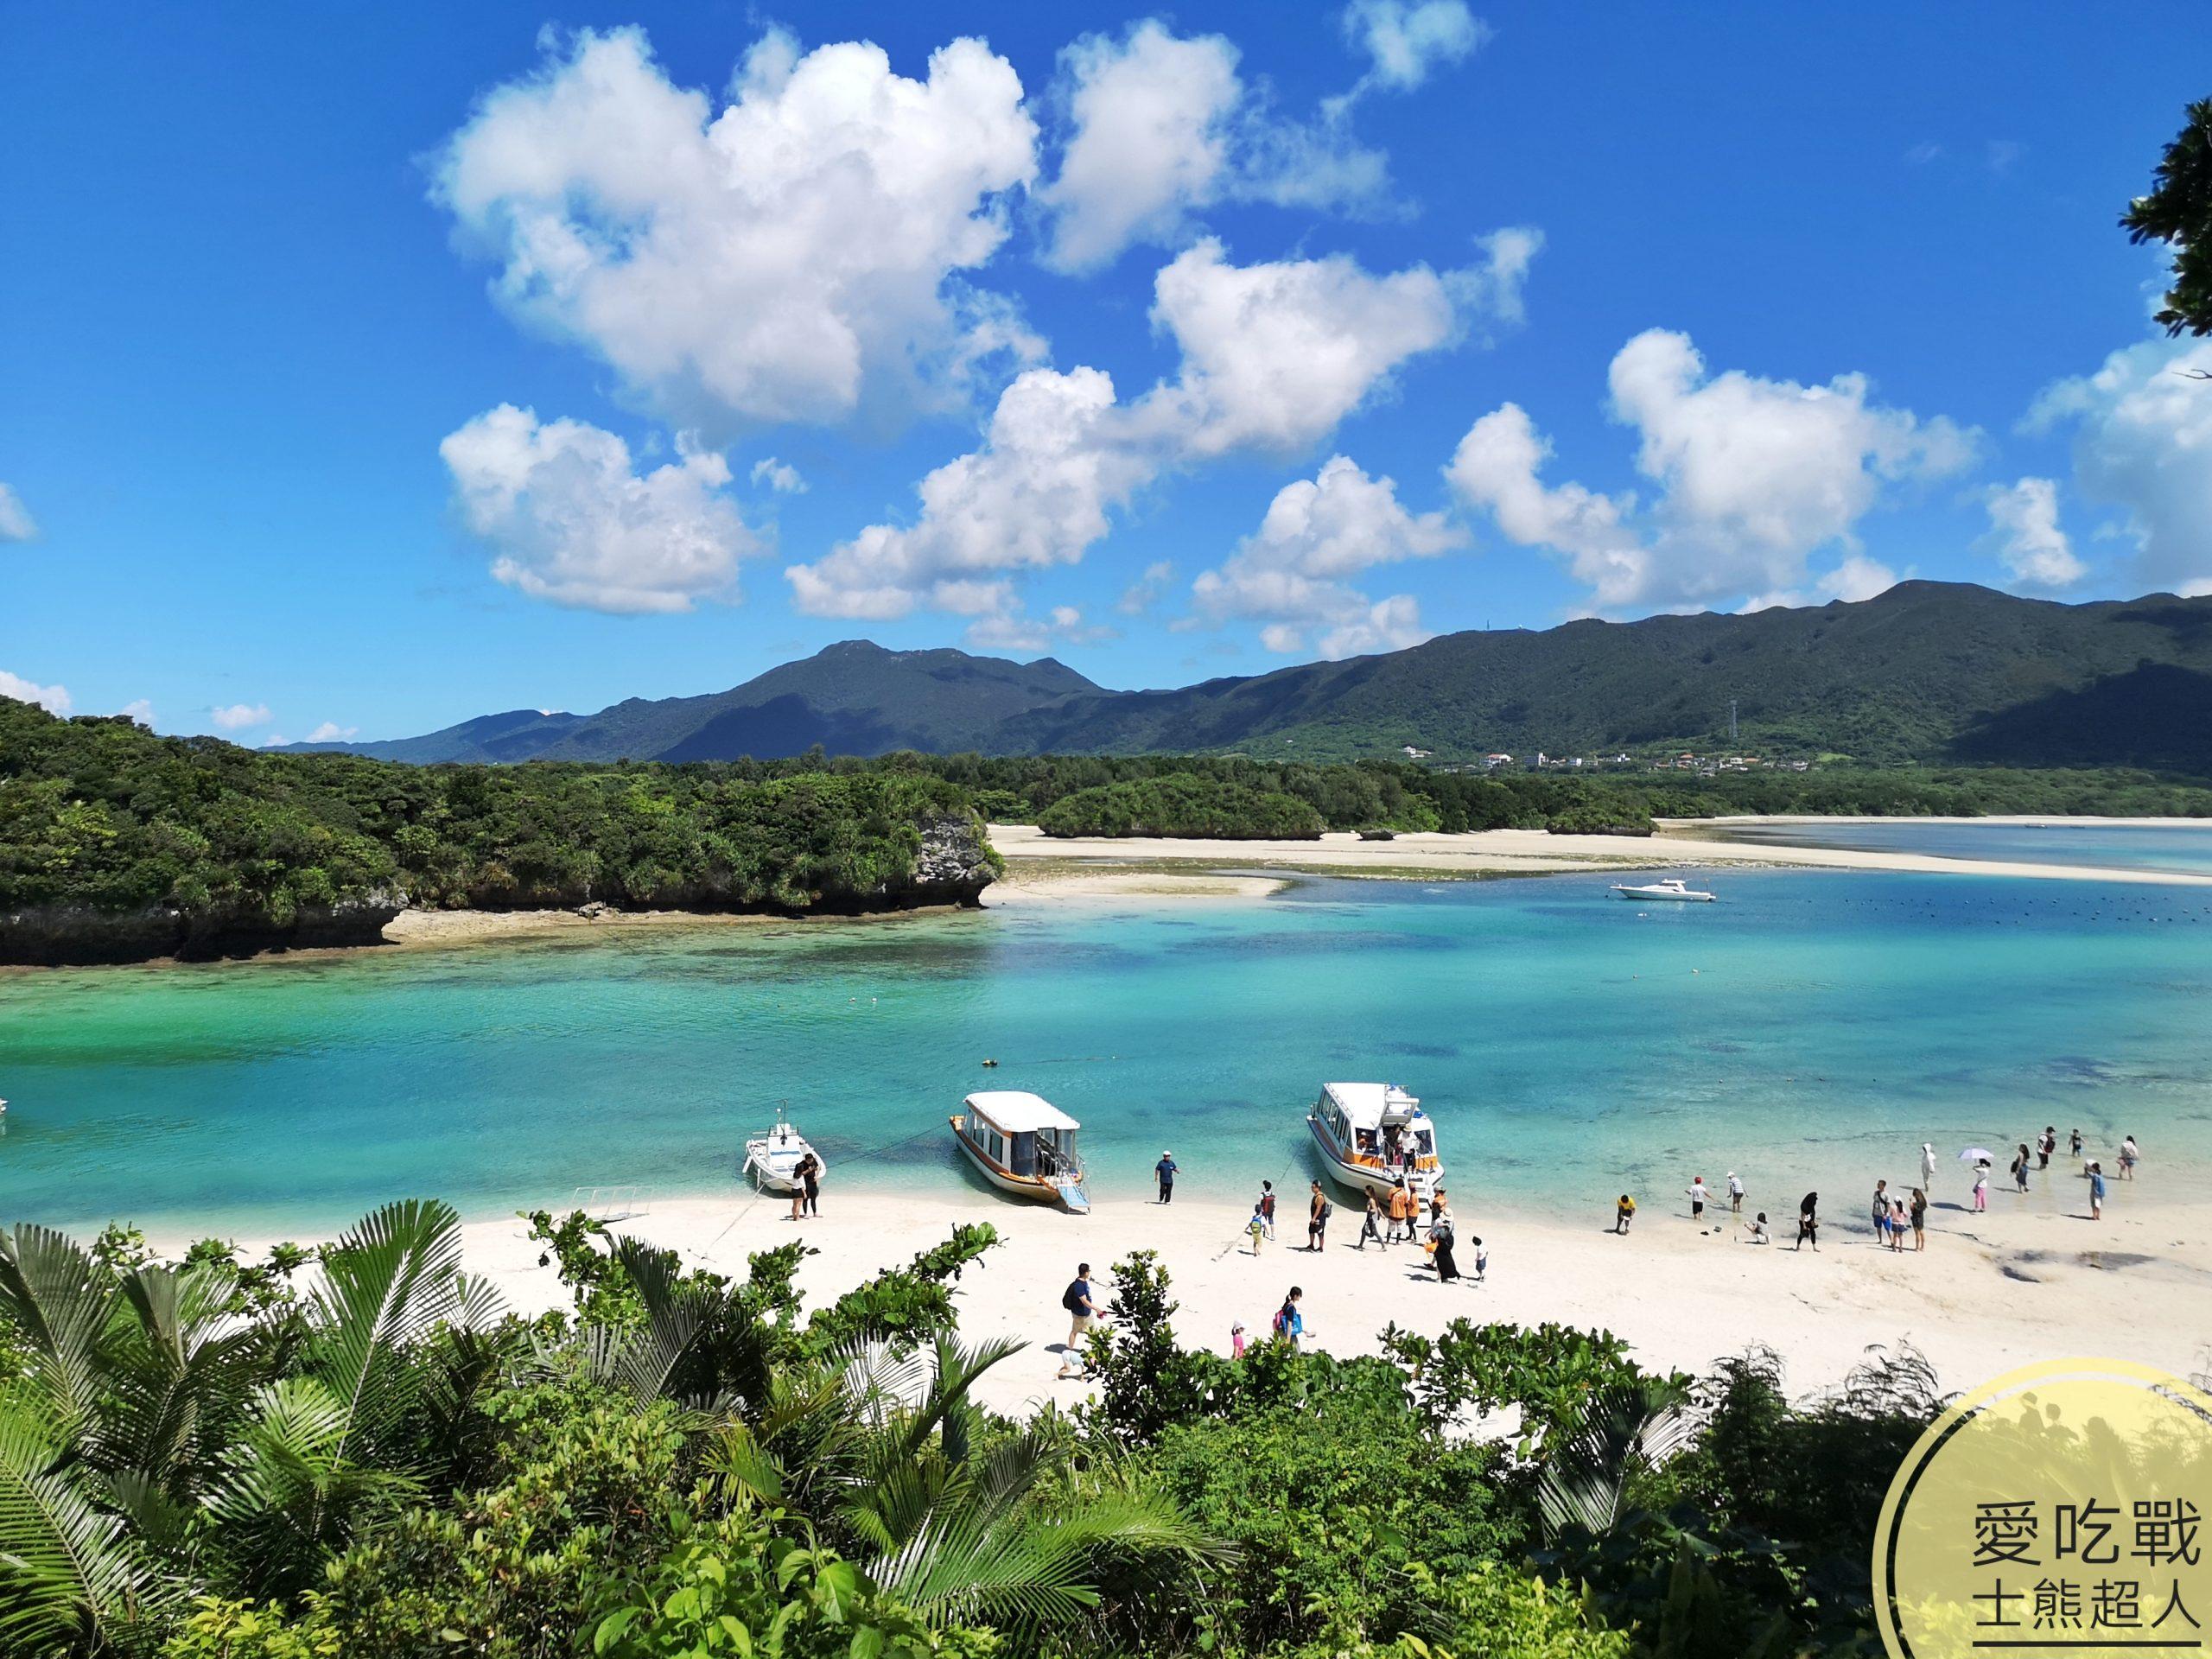 。沖繩 石垣島。川平灣:有著七種海水顏色的米其林三星景點,搭玻璃船+吃鹽冰淇淋,石垣島必訪景點